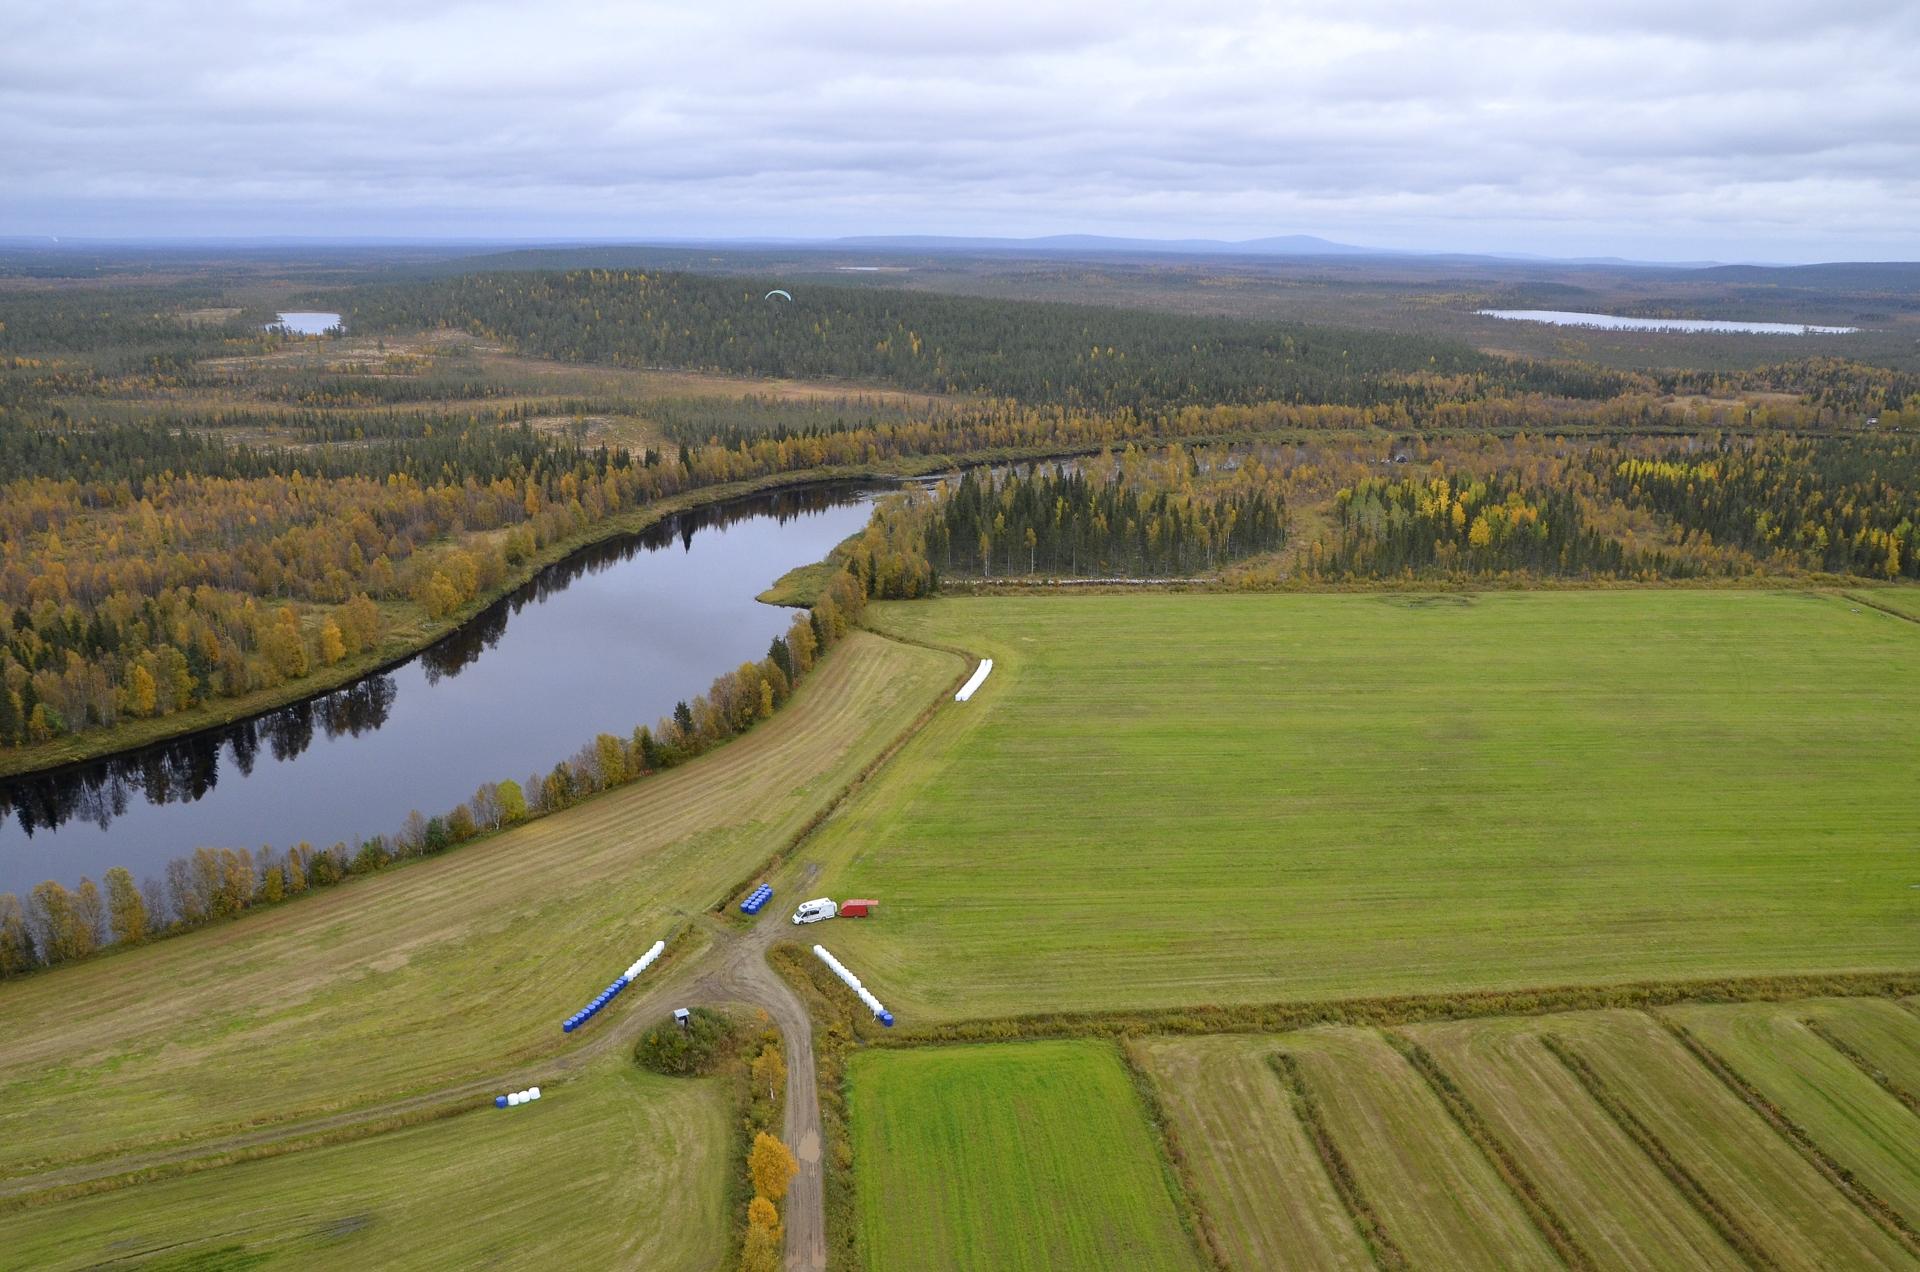 """Seuraavan lennon starttipaikasi löytyi tämä pelto Levin pohjoispuolelta Ounasjoen varresta. Nyt minäkin läksin ilmaan ilman pyöriä """"reppukoneella"""". Hanski tuli autolla perässä."""